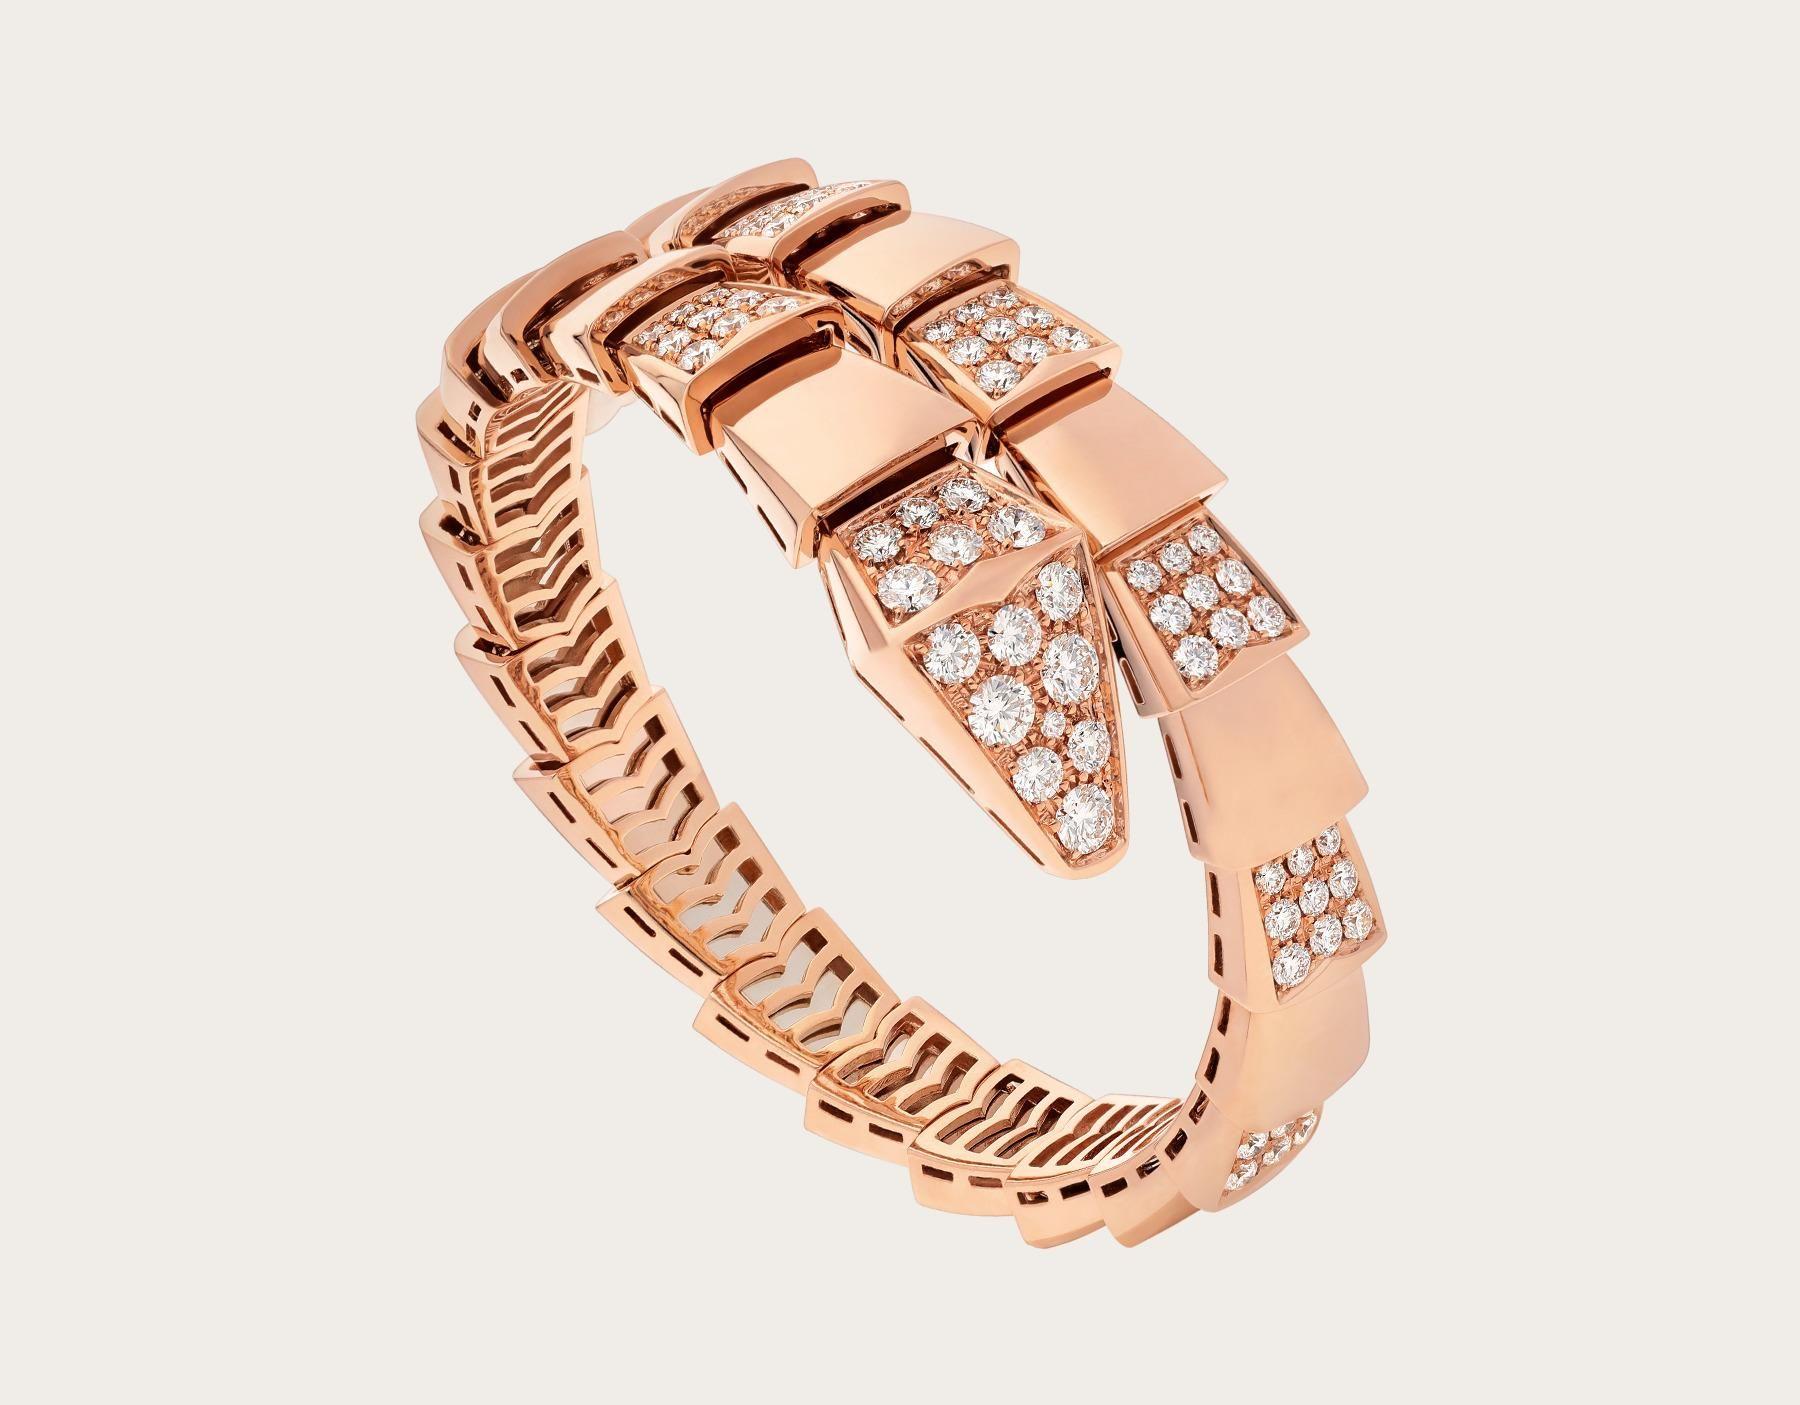 e1f720fb31075b Bracelets bulgari BR856088 B.Zero-1-Vente et prix d'achat des braceletss  Bulgari | Bracelets | Bracelet bulgari, Bracelets